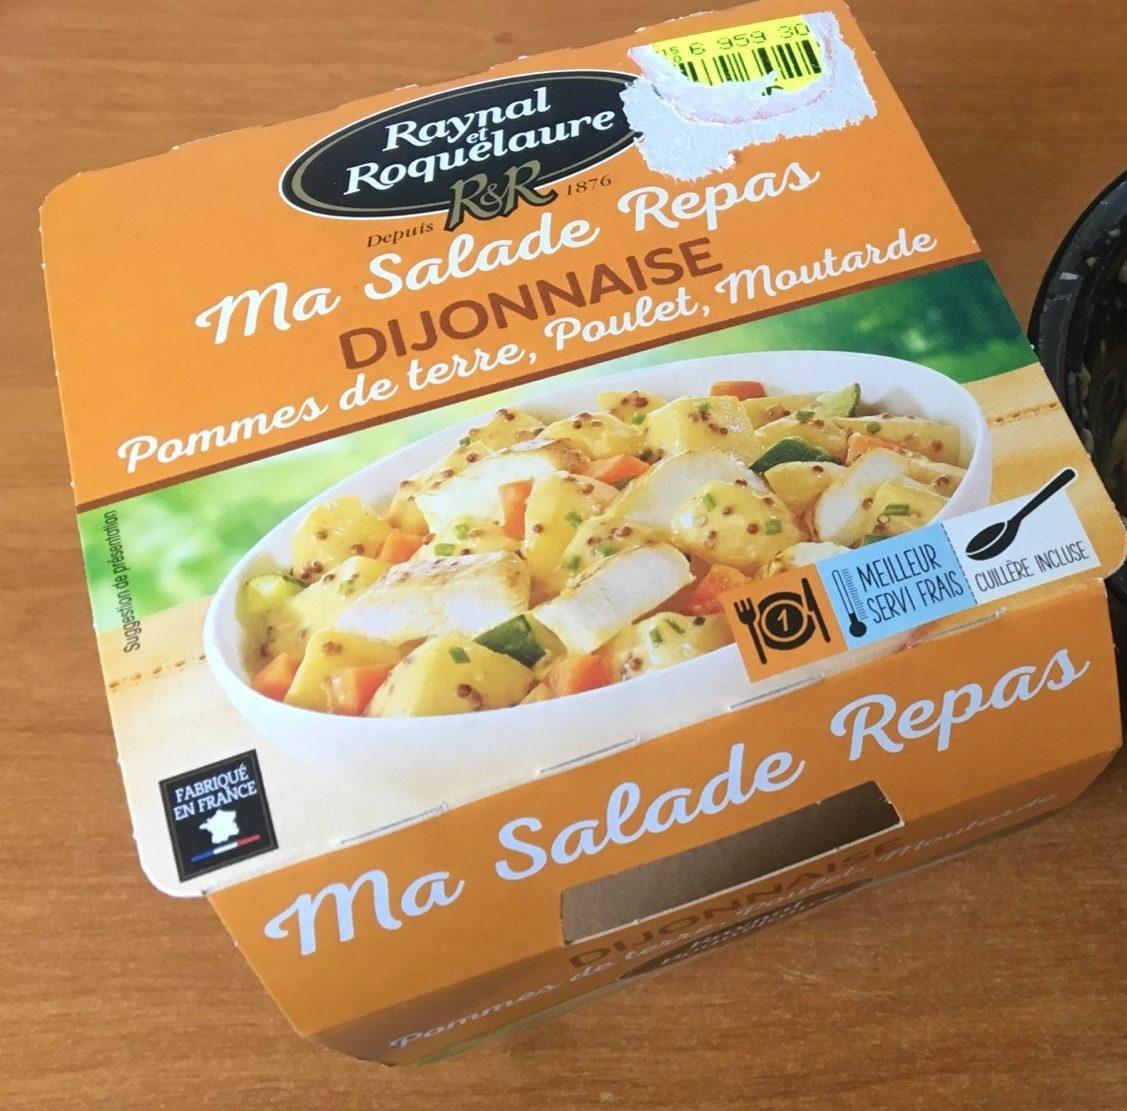 Ma Salade Repas Dijonnaise - Product - fr